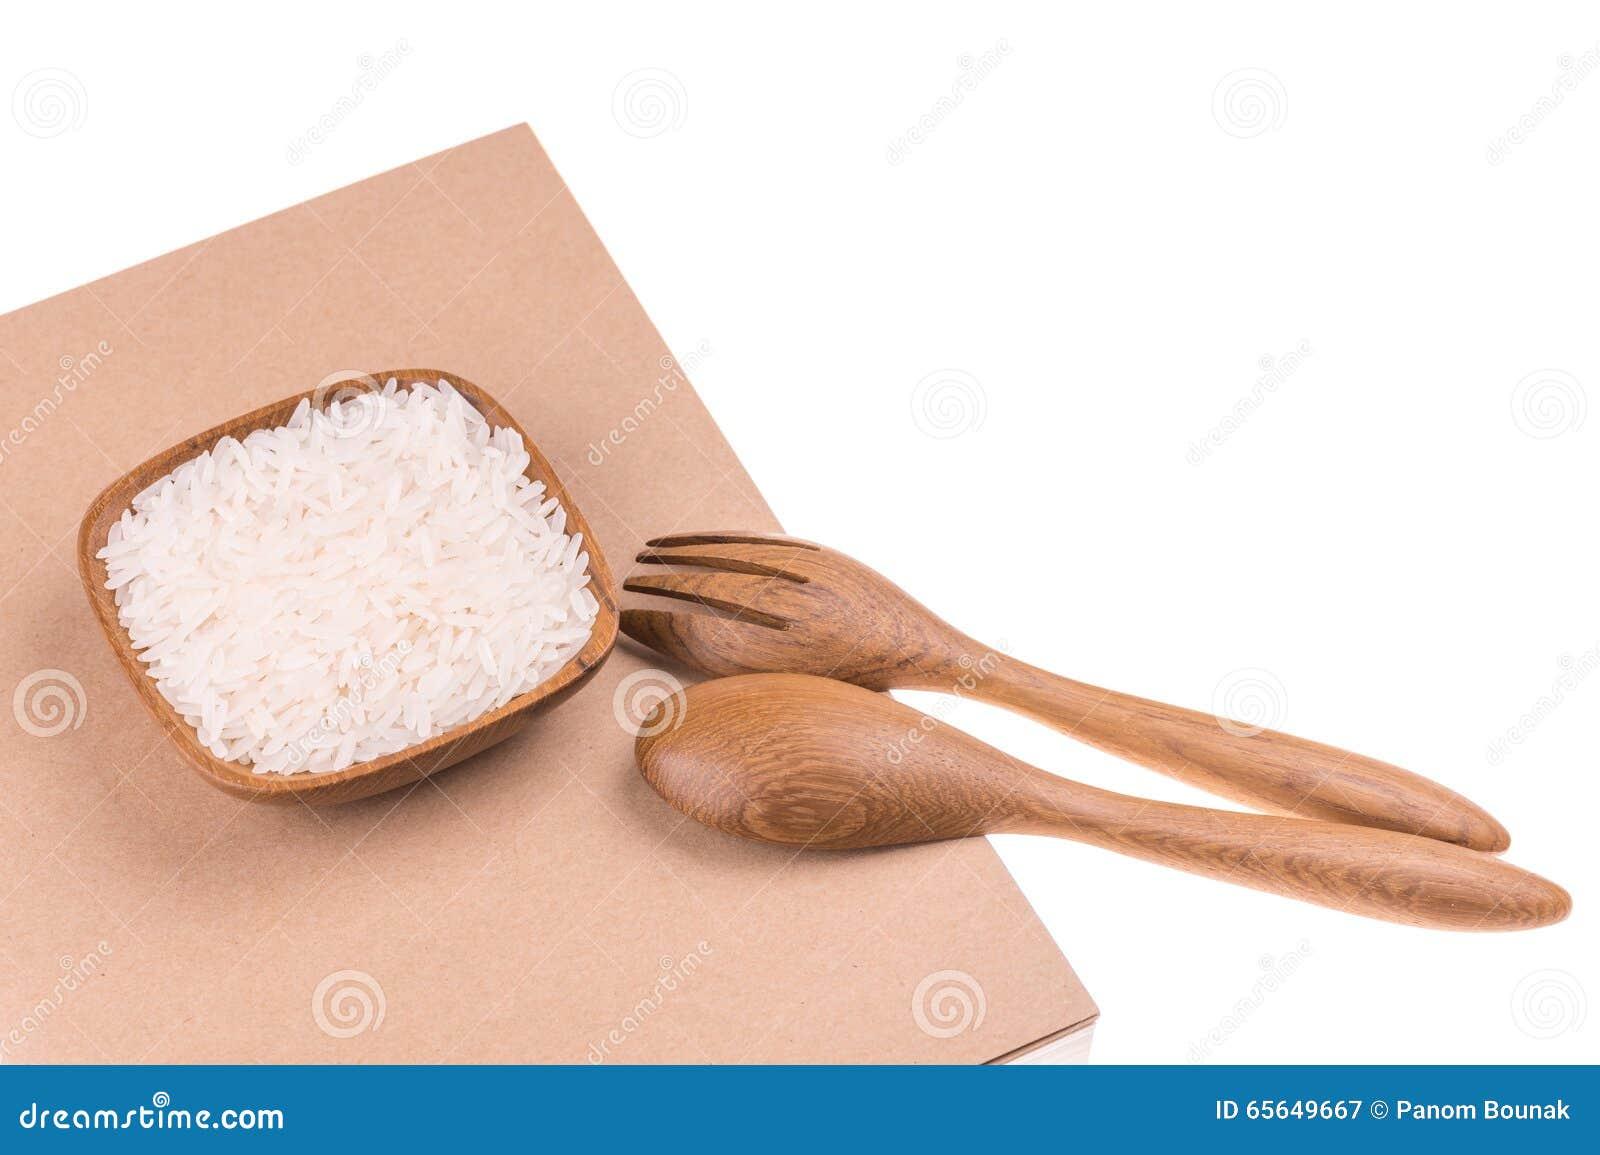 Fourchette et cuillère en bois avec du riz dans la petite cuvette en bois sur le carnet